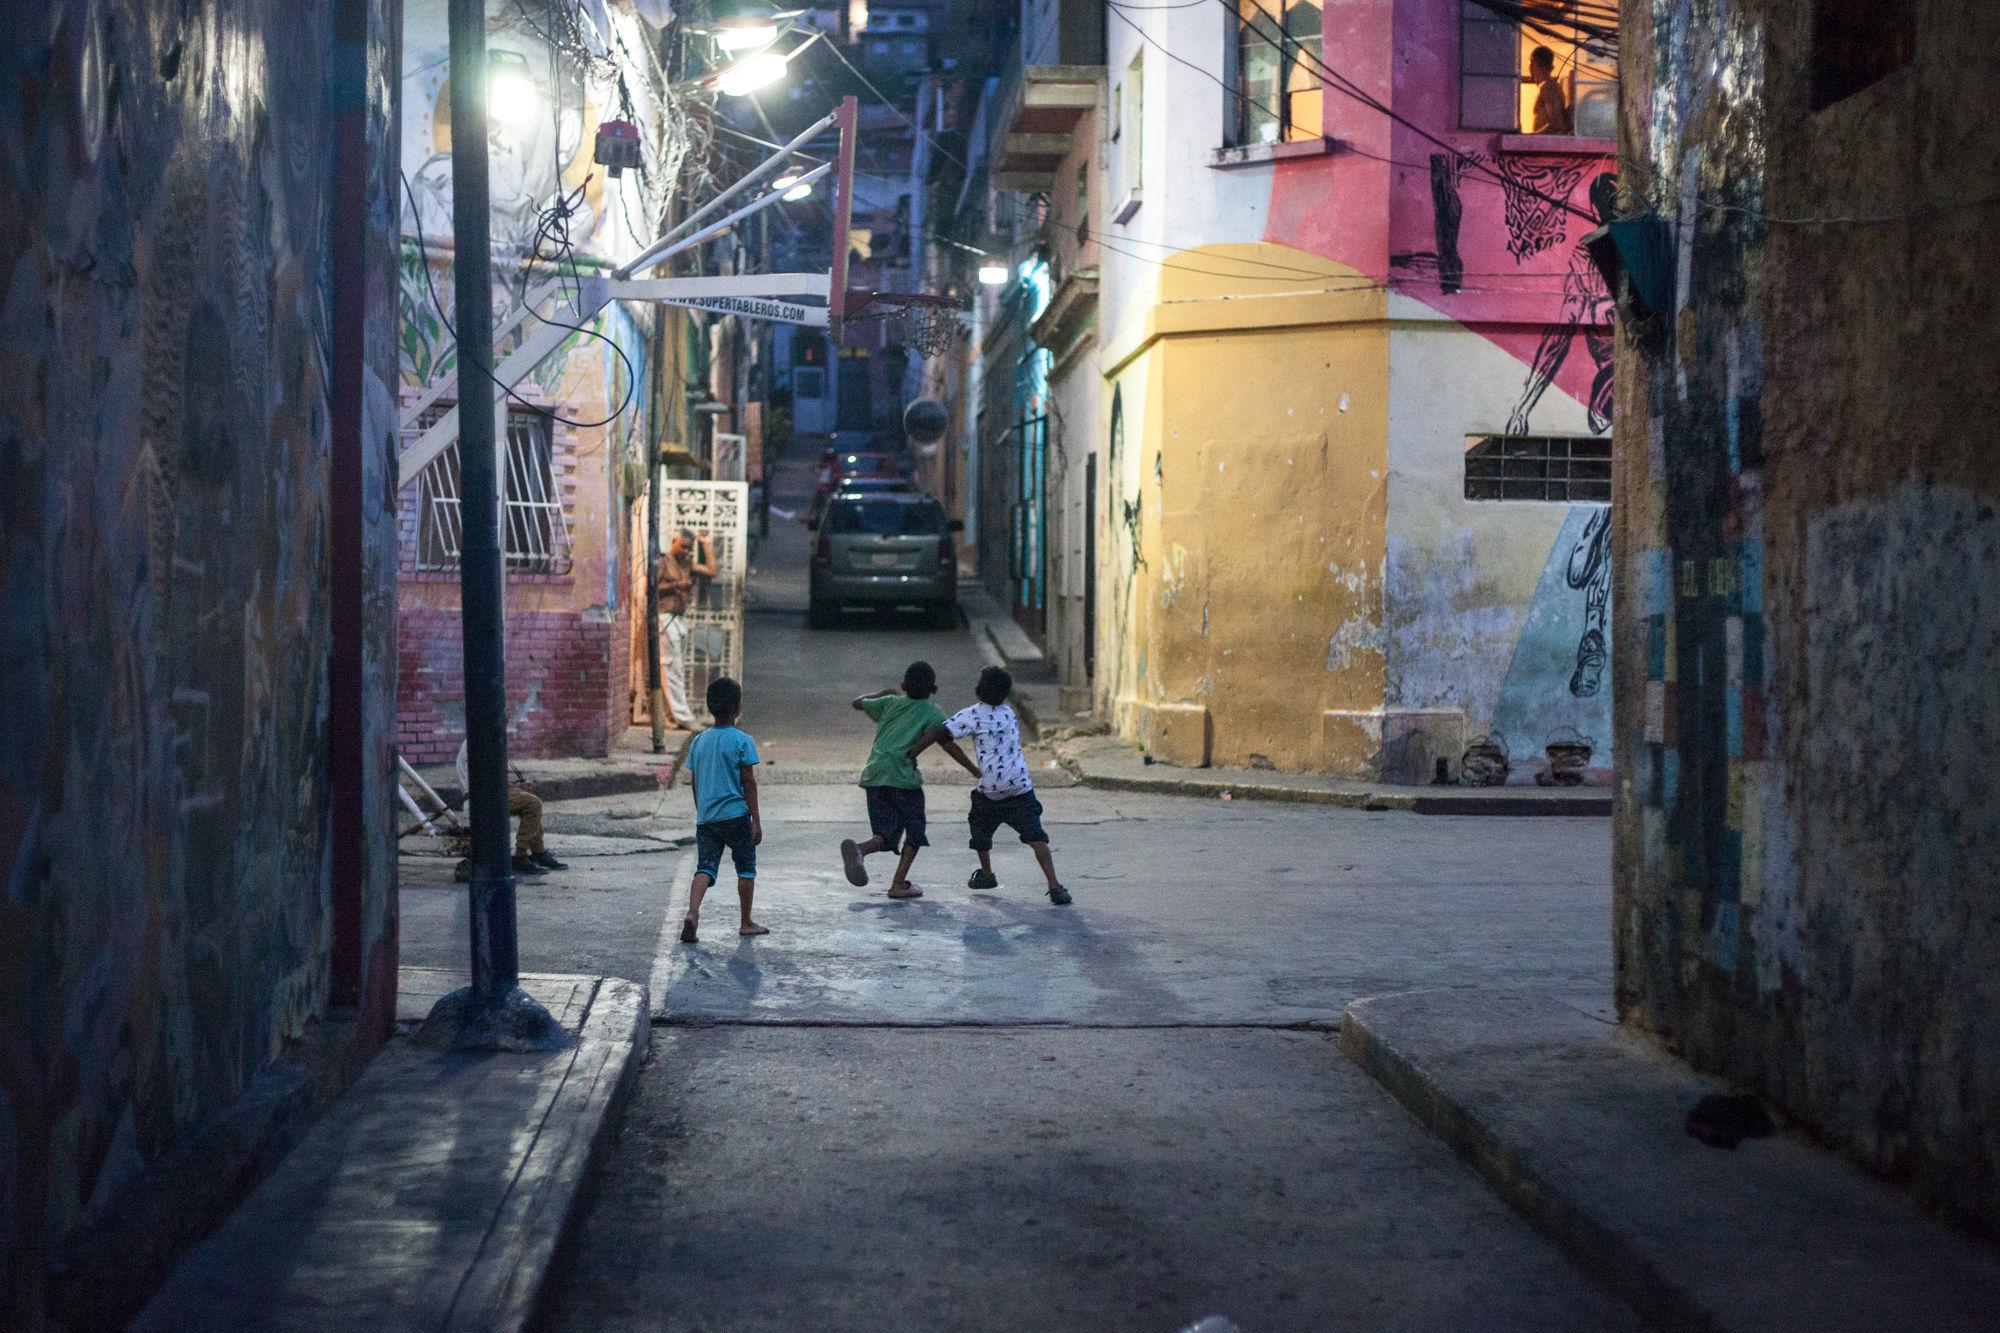 Niños jugado con pelota en la noche de Caracas